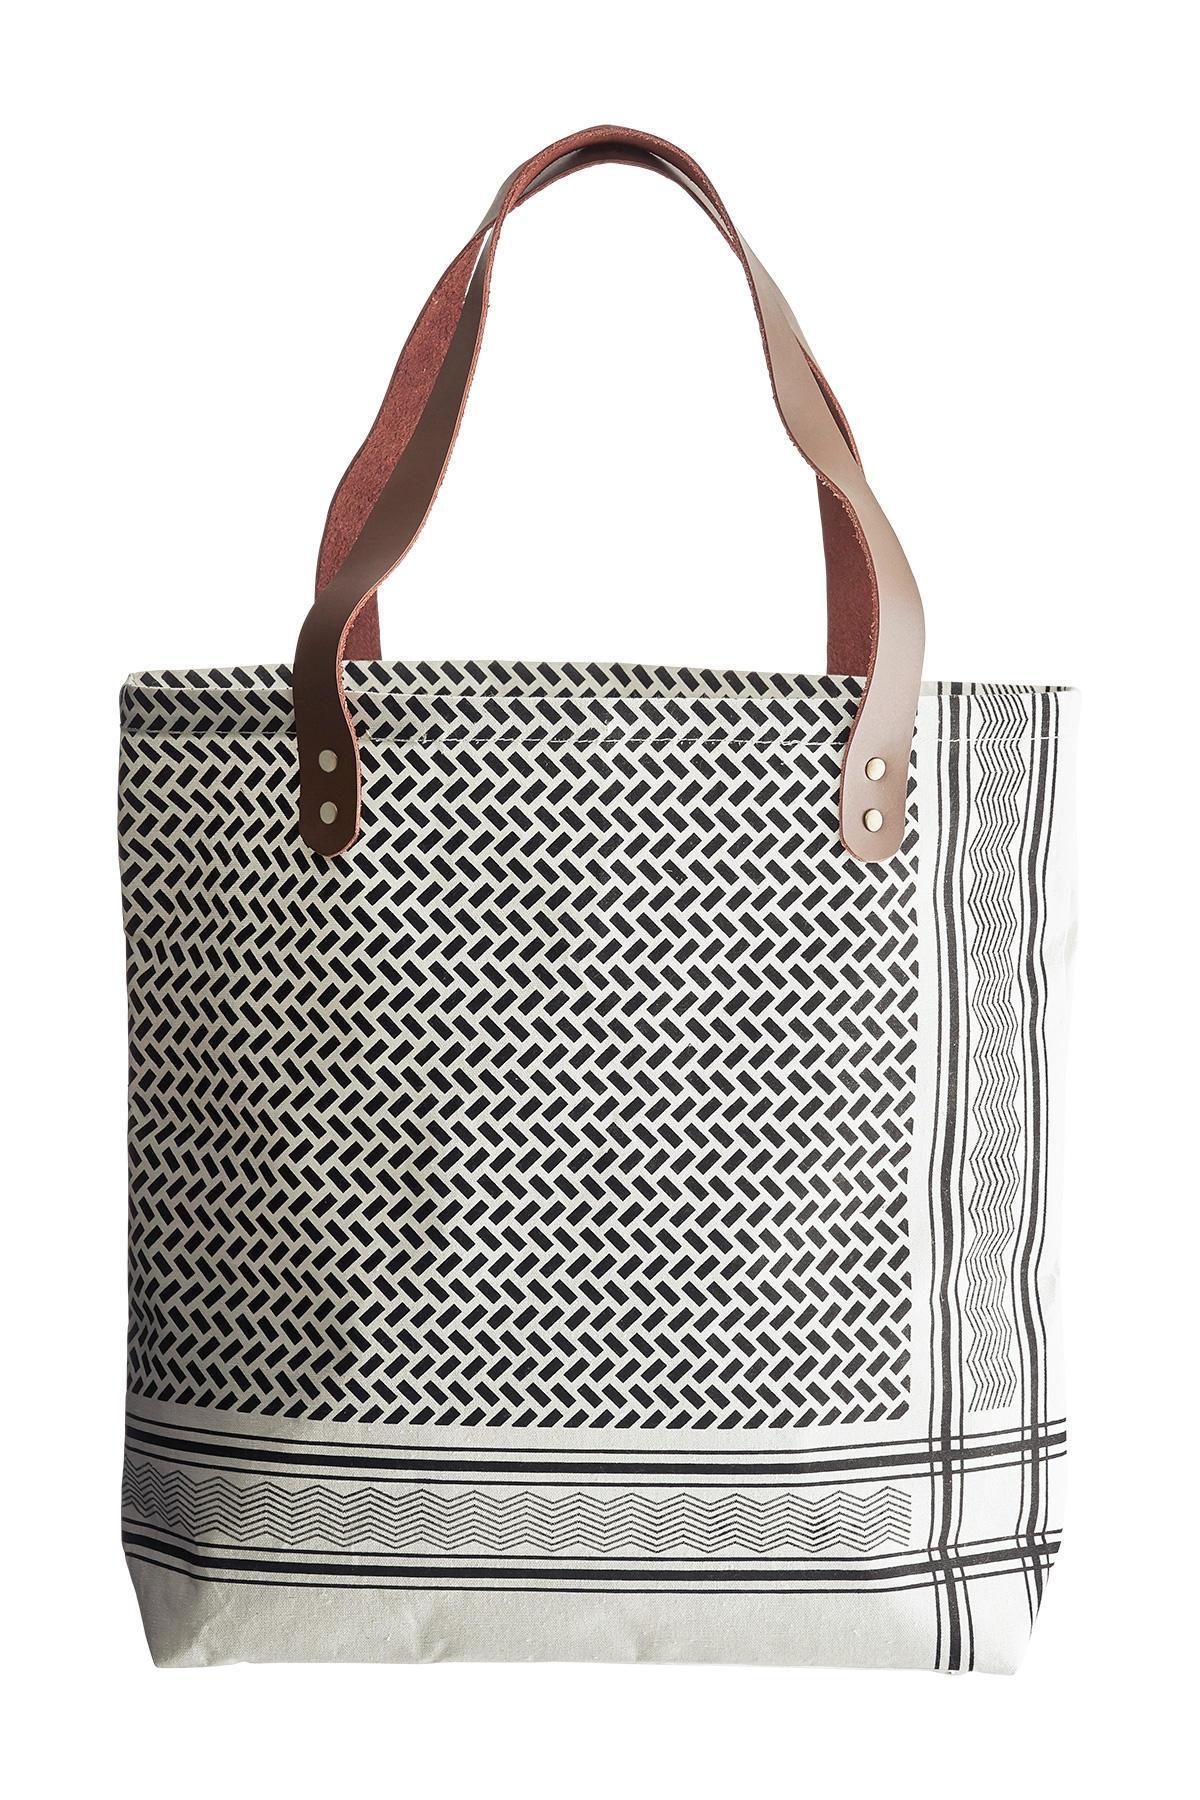 House Doctor Nákupní taška Partisan, černá barva, krémová barva, textil